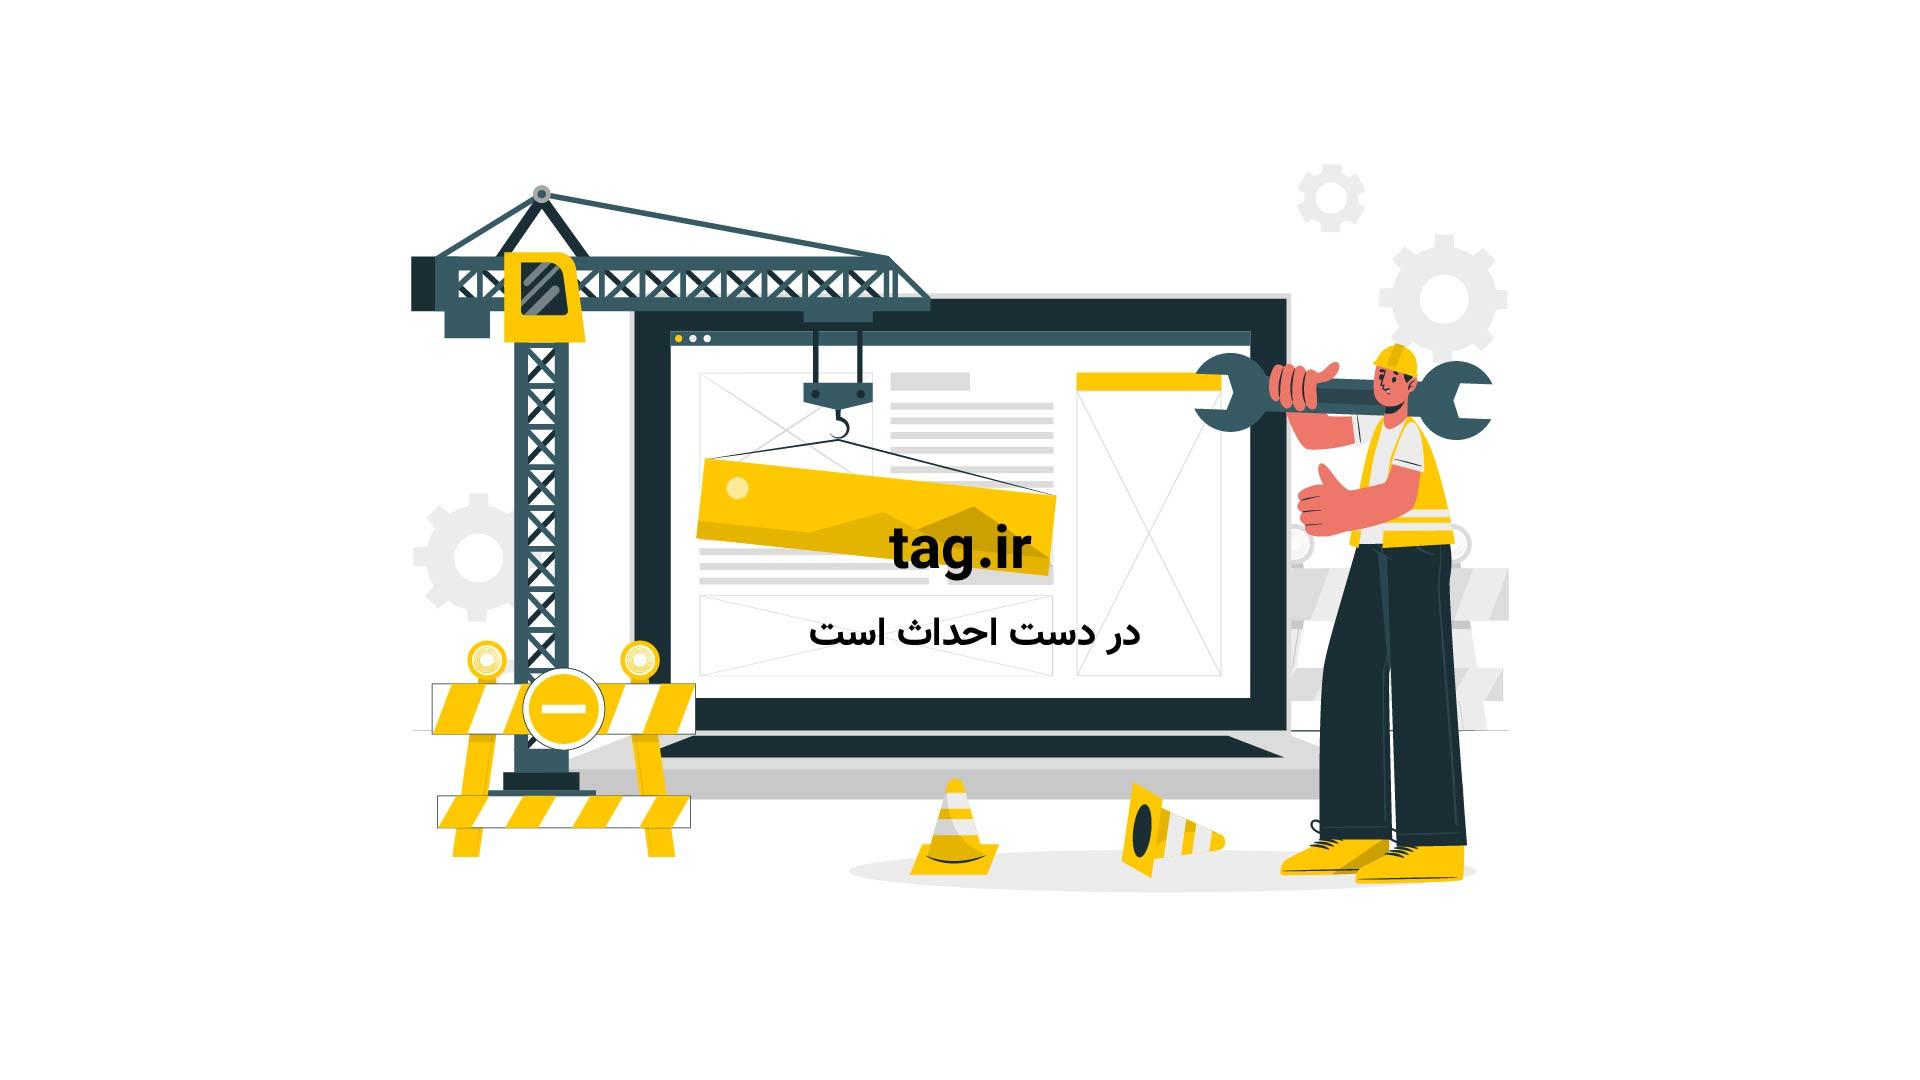 نقاشی خروس